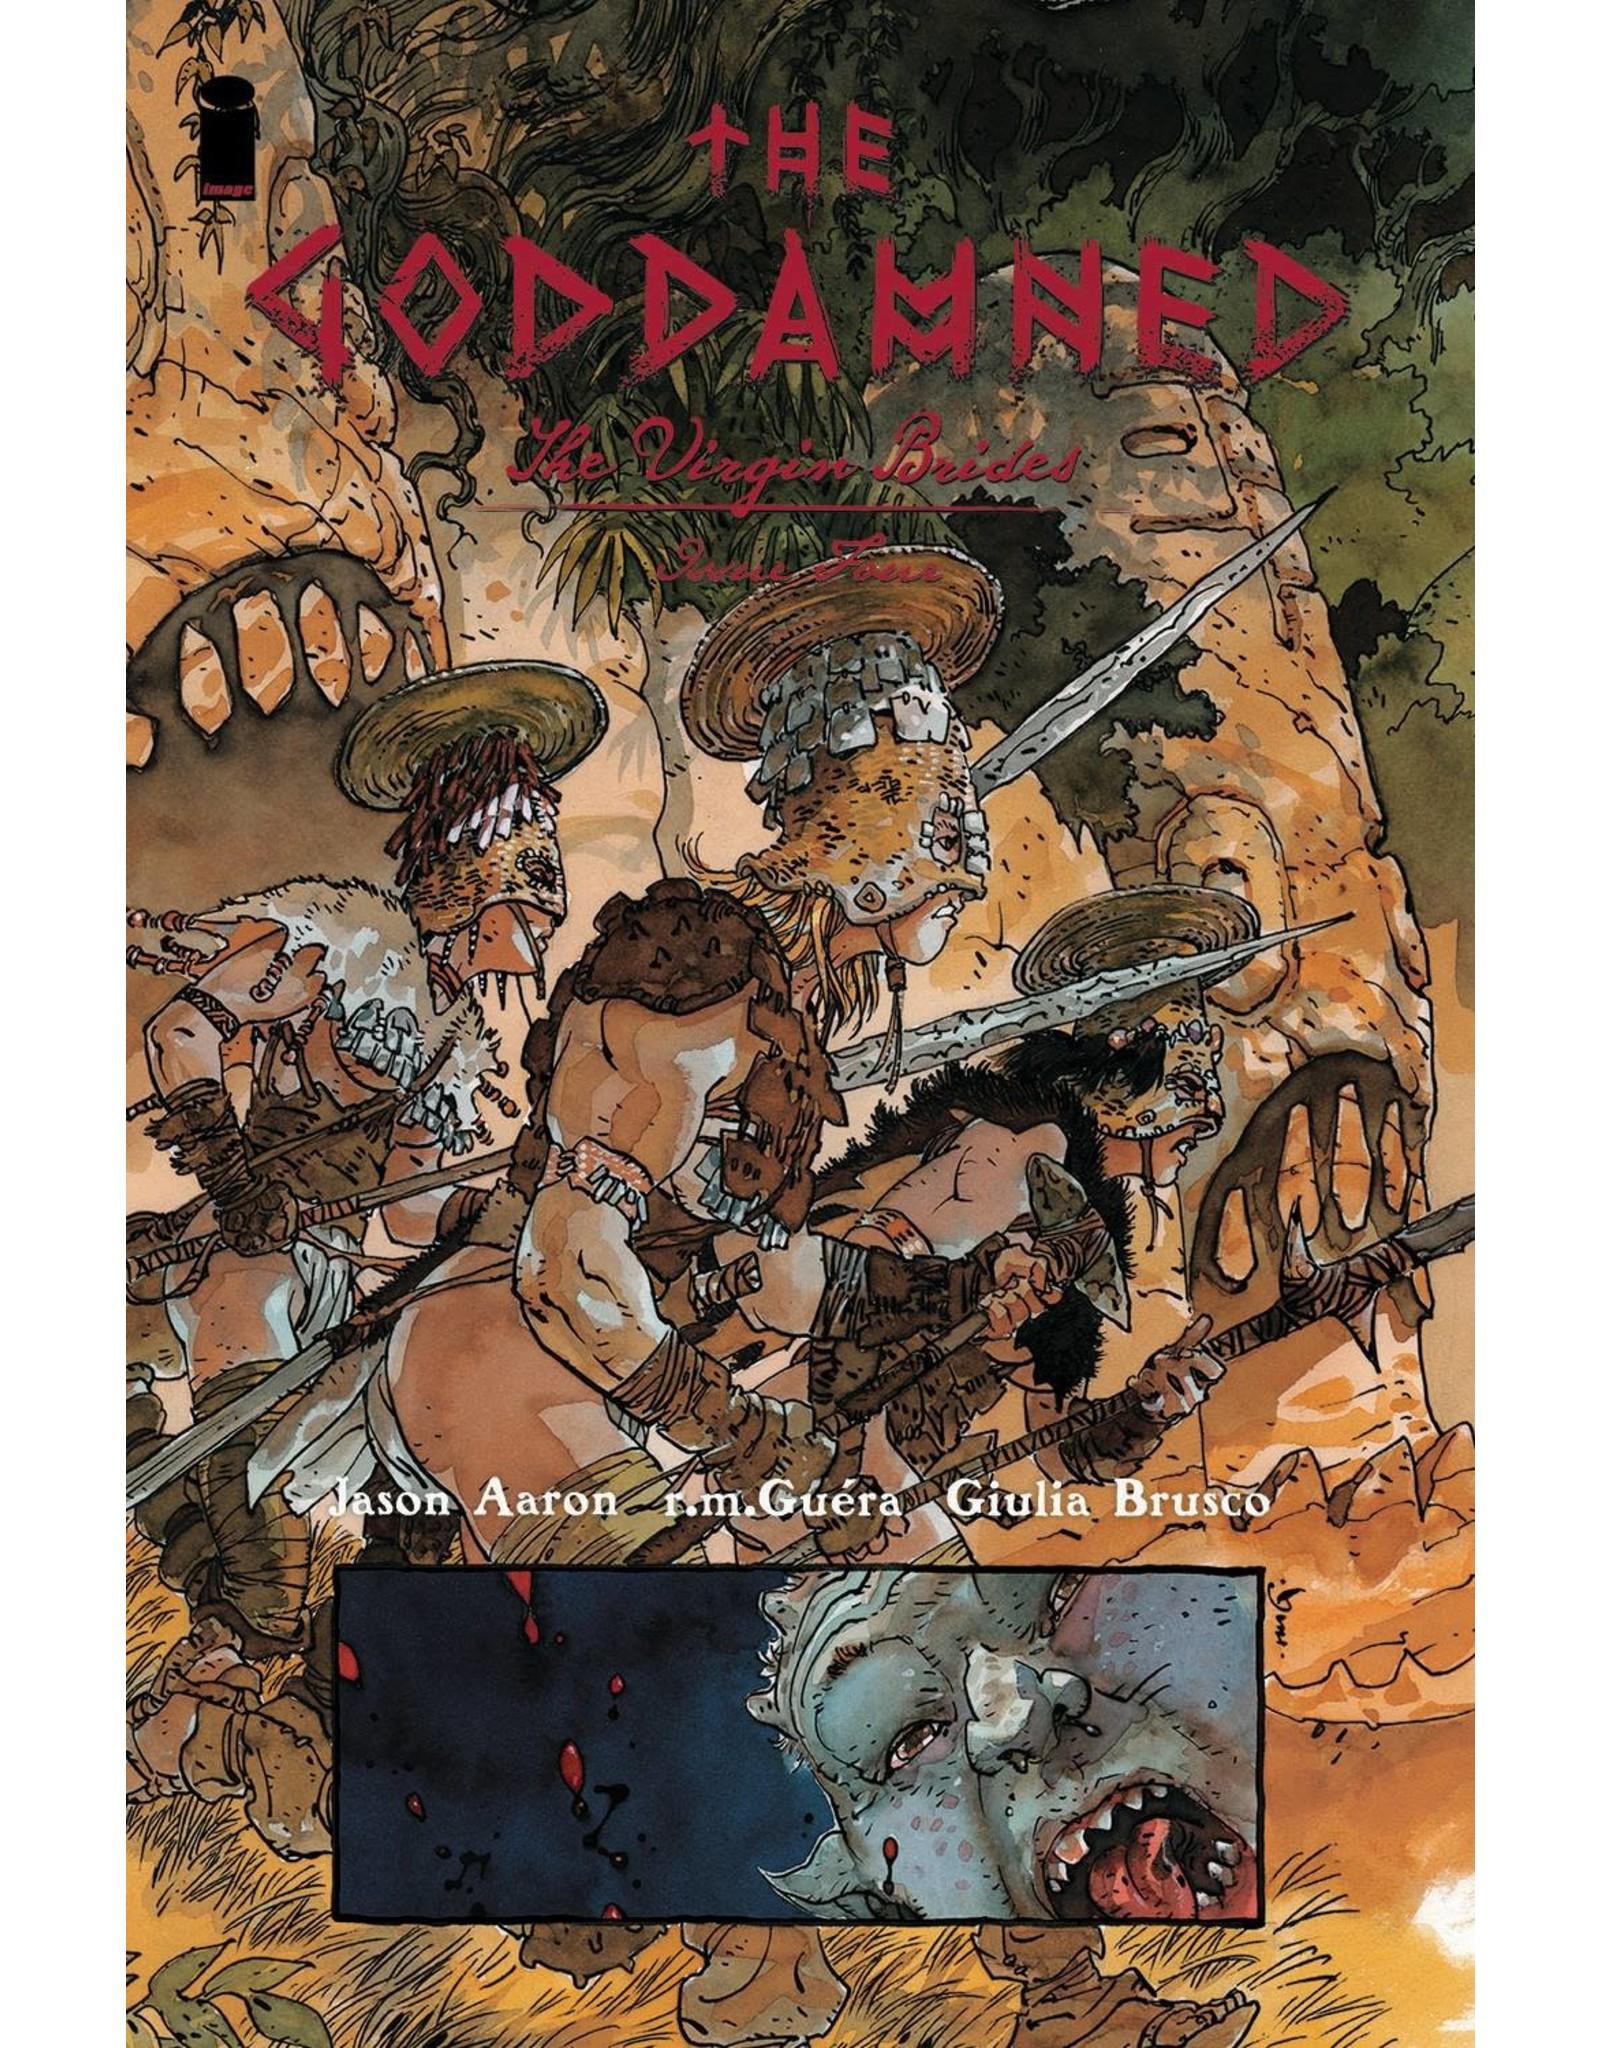 Image Comics GODDAMNED VIRGIN BRIDES #4 (OF 5) (MR)